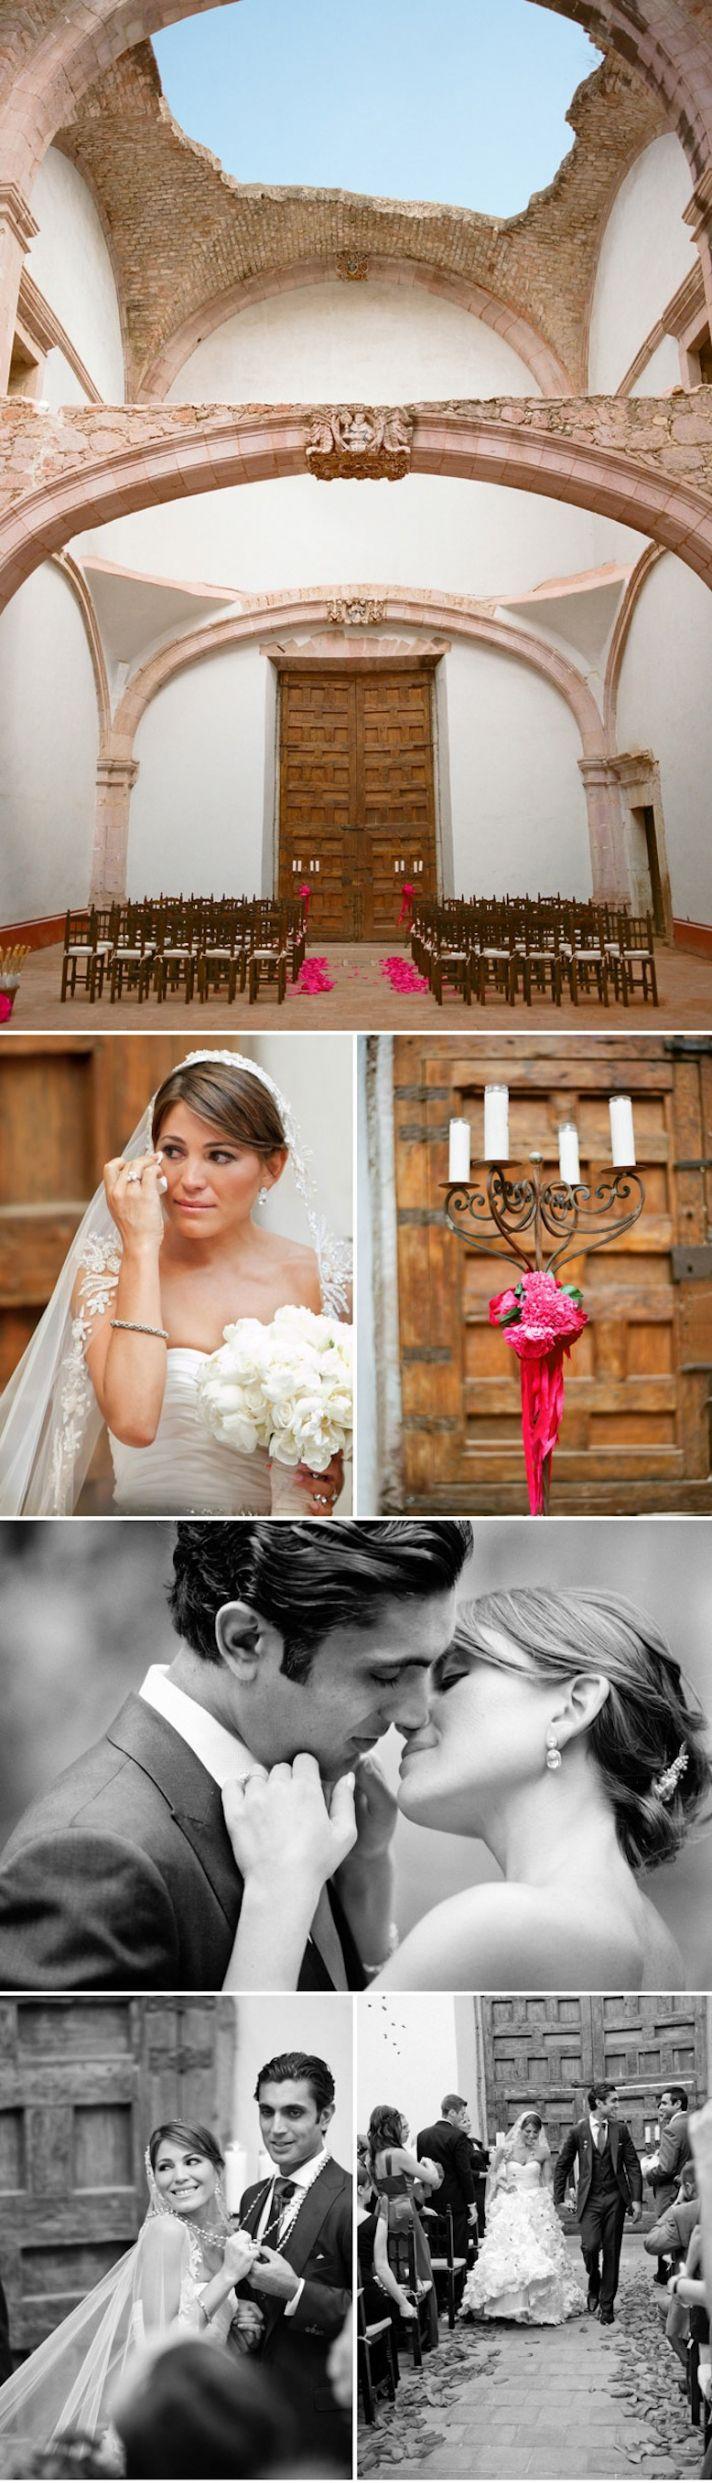 Bright destination wedding in Mexico by Aaron Delesie 4